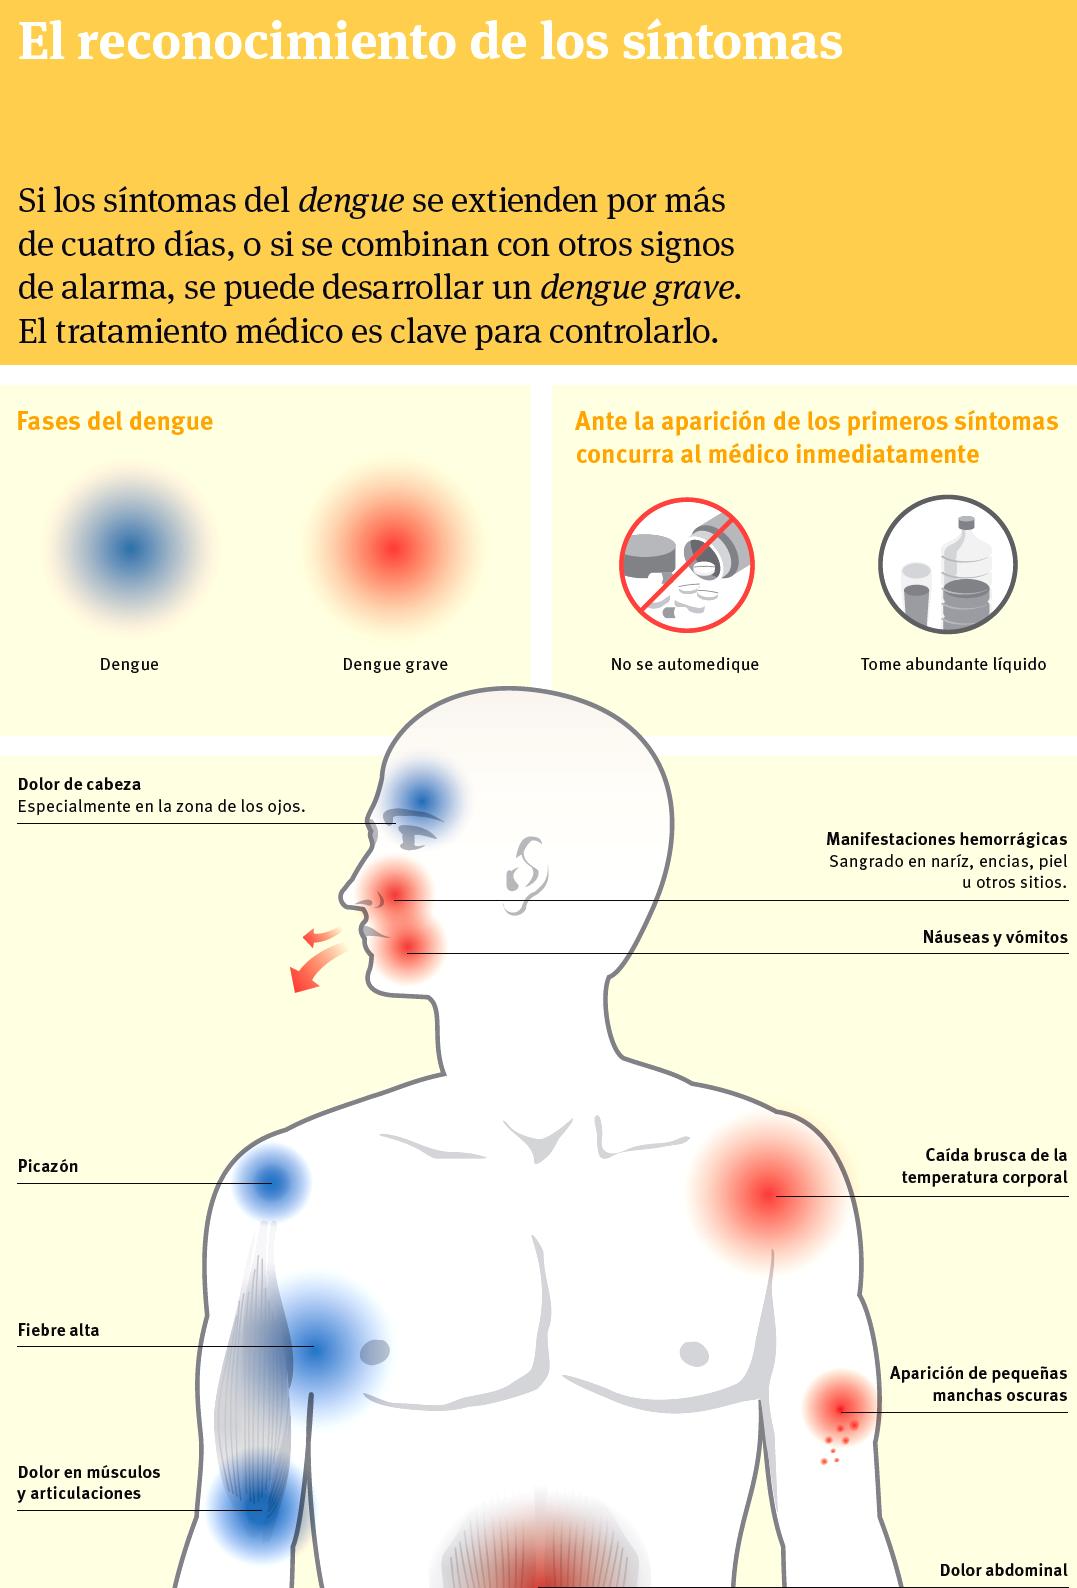 Imagenes de sintomas del dengue - Imagui